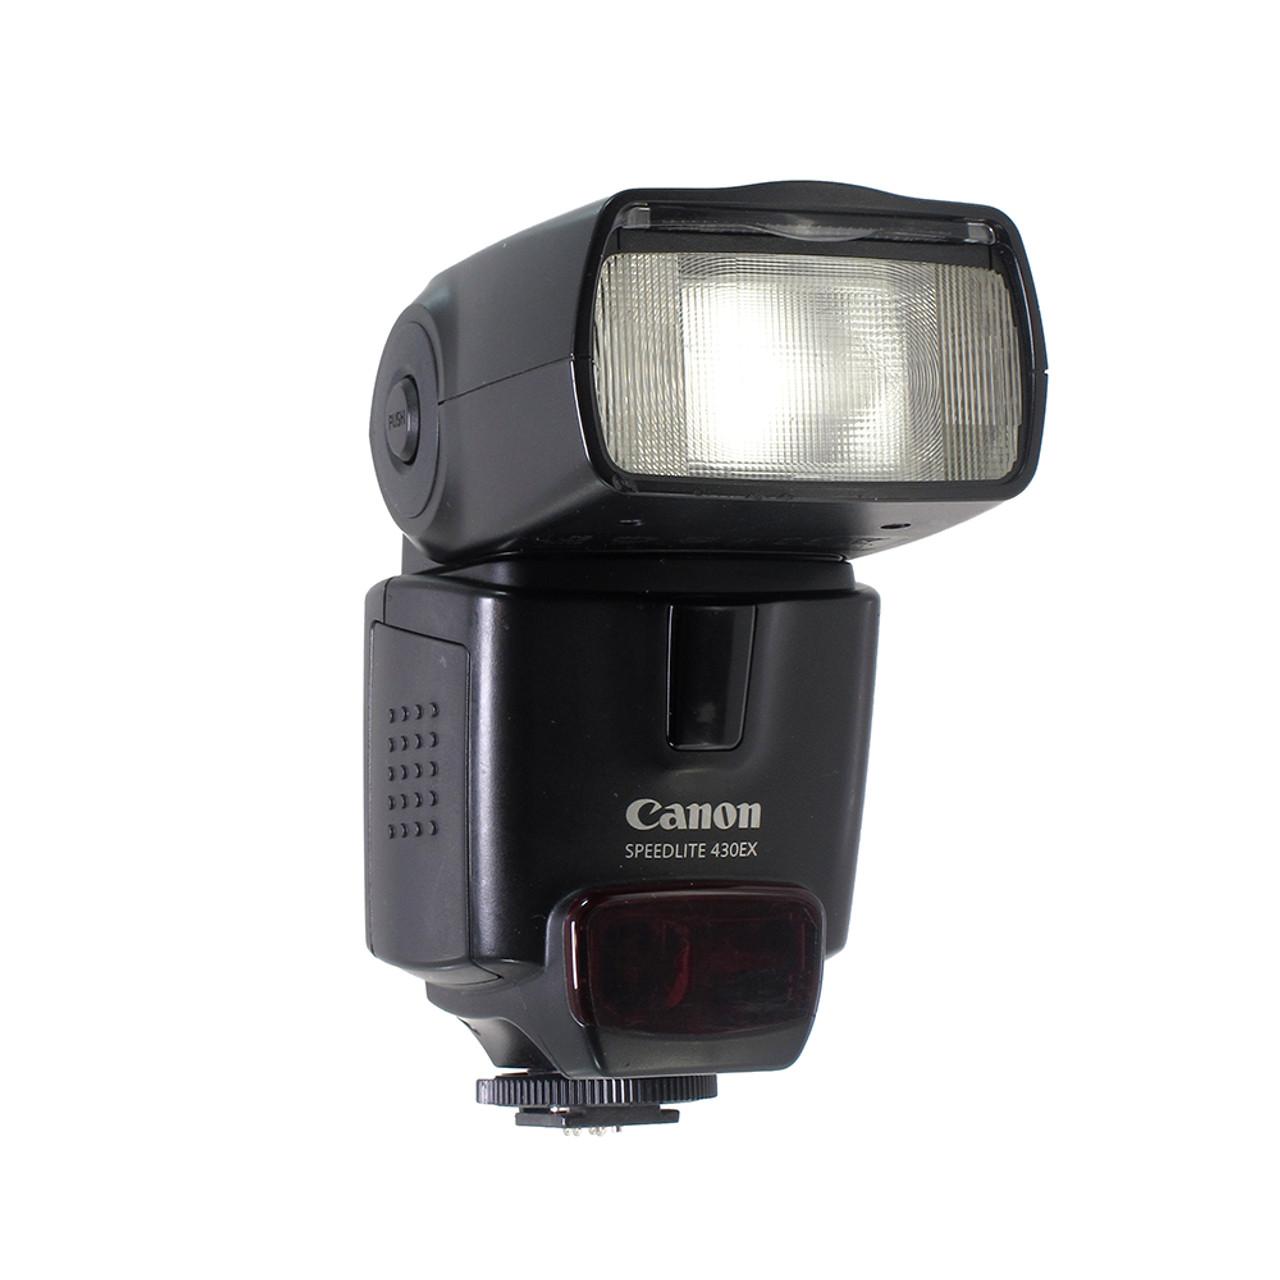 USED CANON 430EX